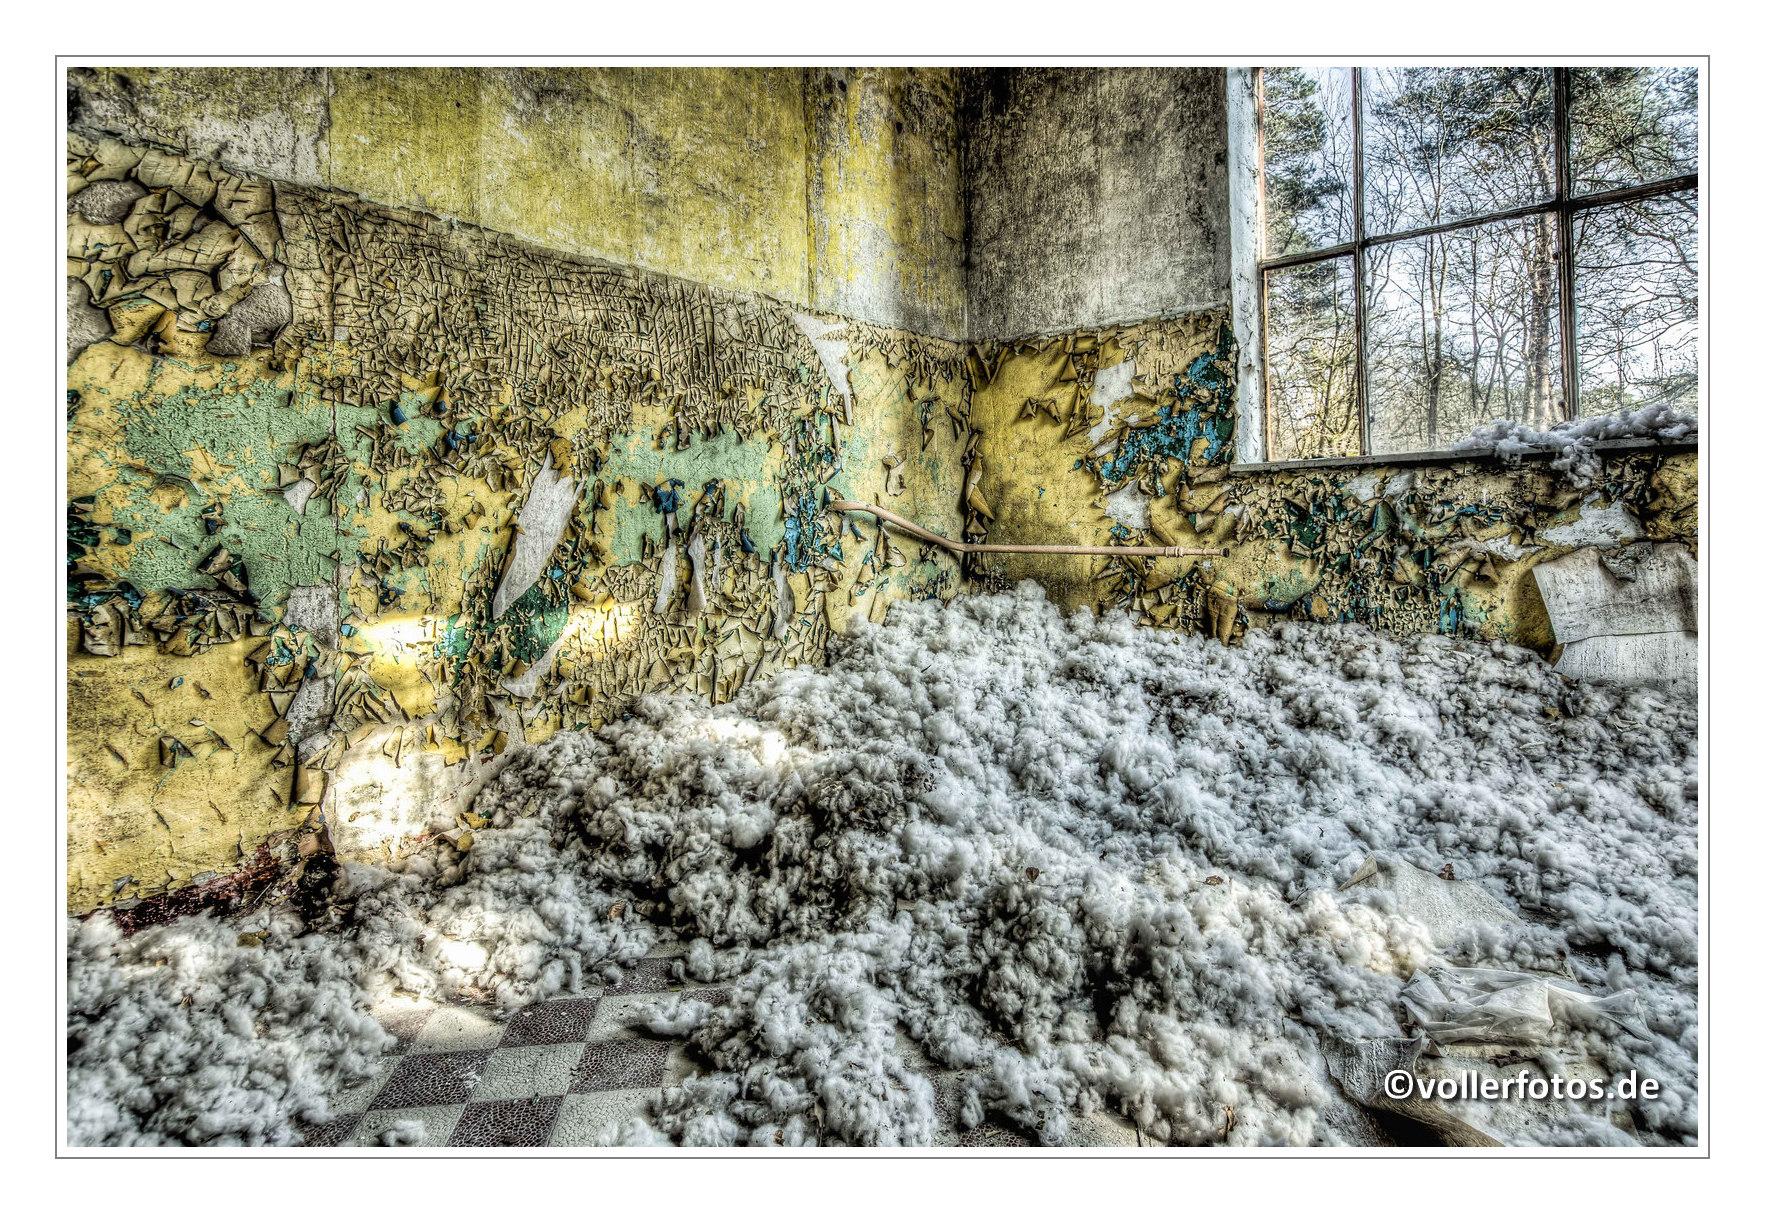 Berlin_Beelitz0138 - Kopie